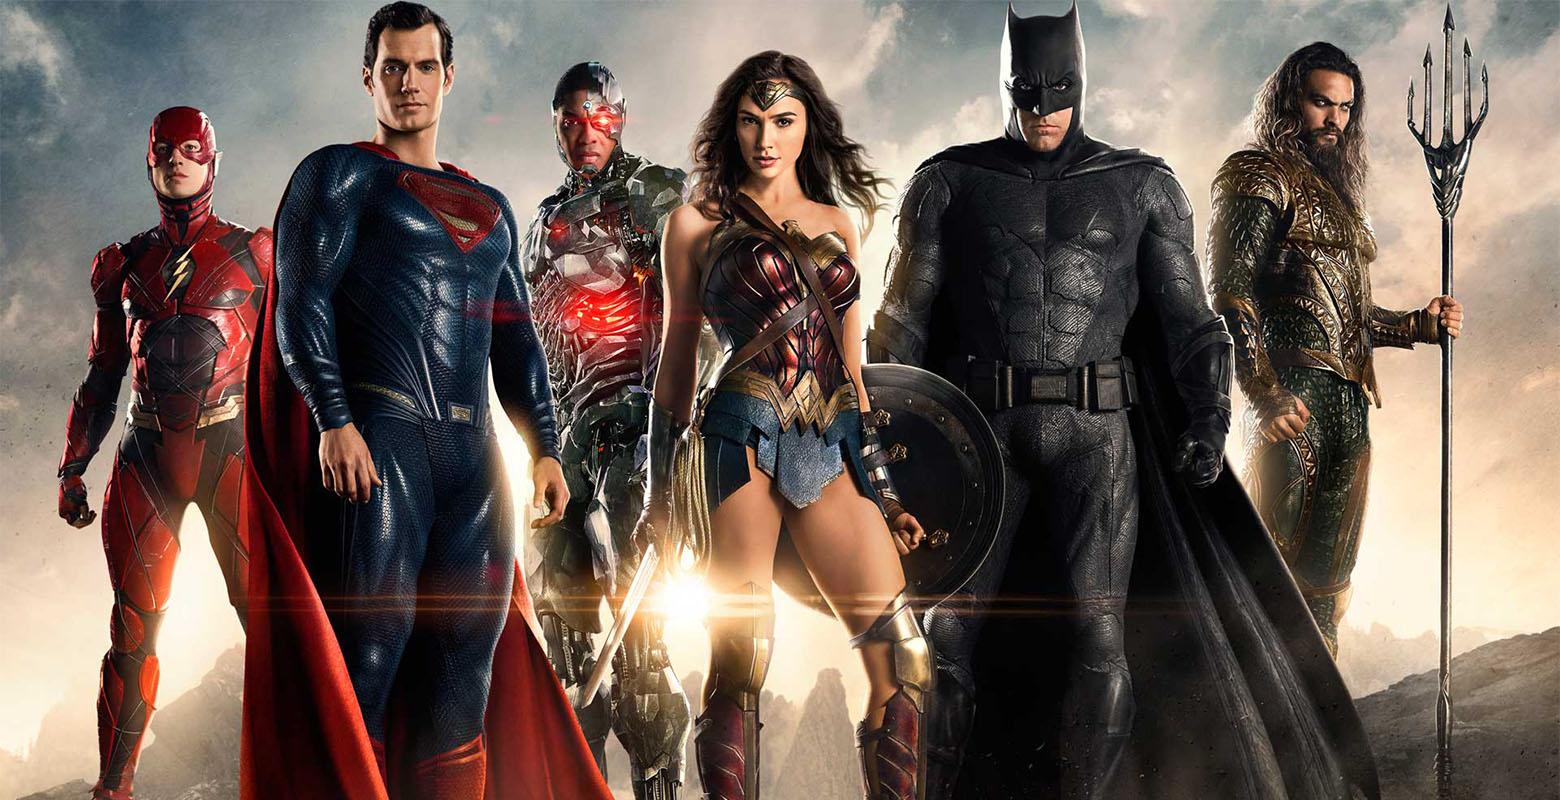 ¡Zack Snyder lanzará Snyder Cut de Justice League en HBO Max! en 2021